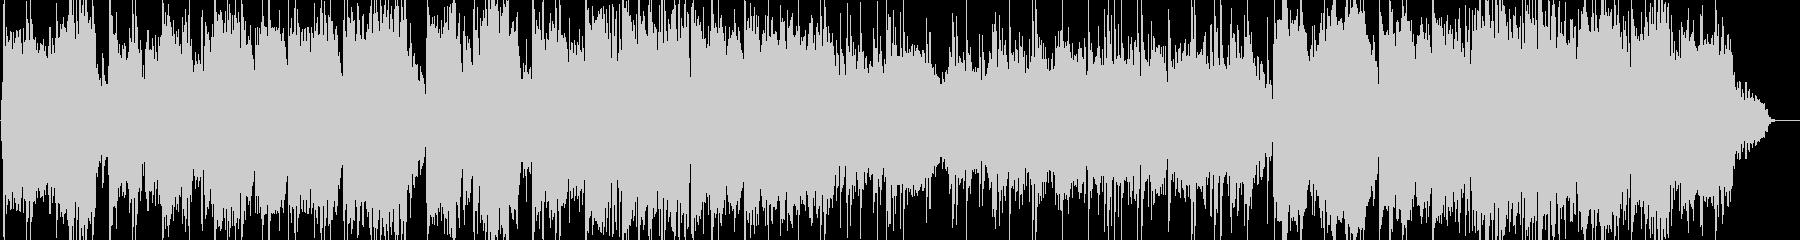 ケーナとシンセサイザーのヒーリング音楽の未再生の波形